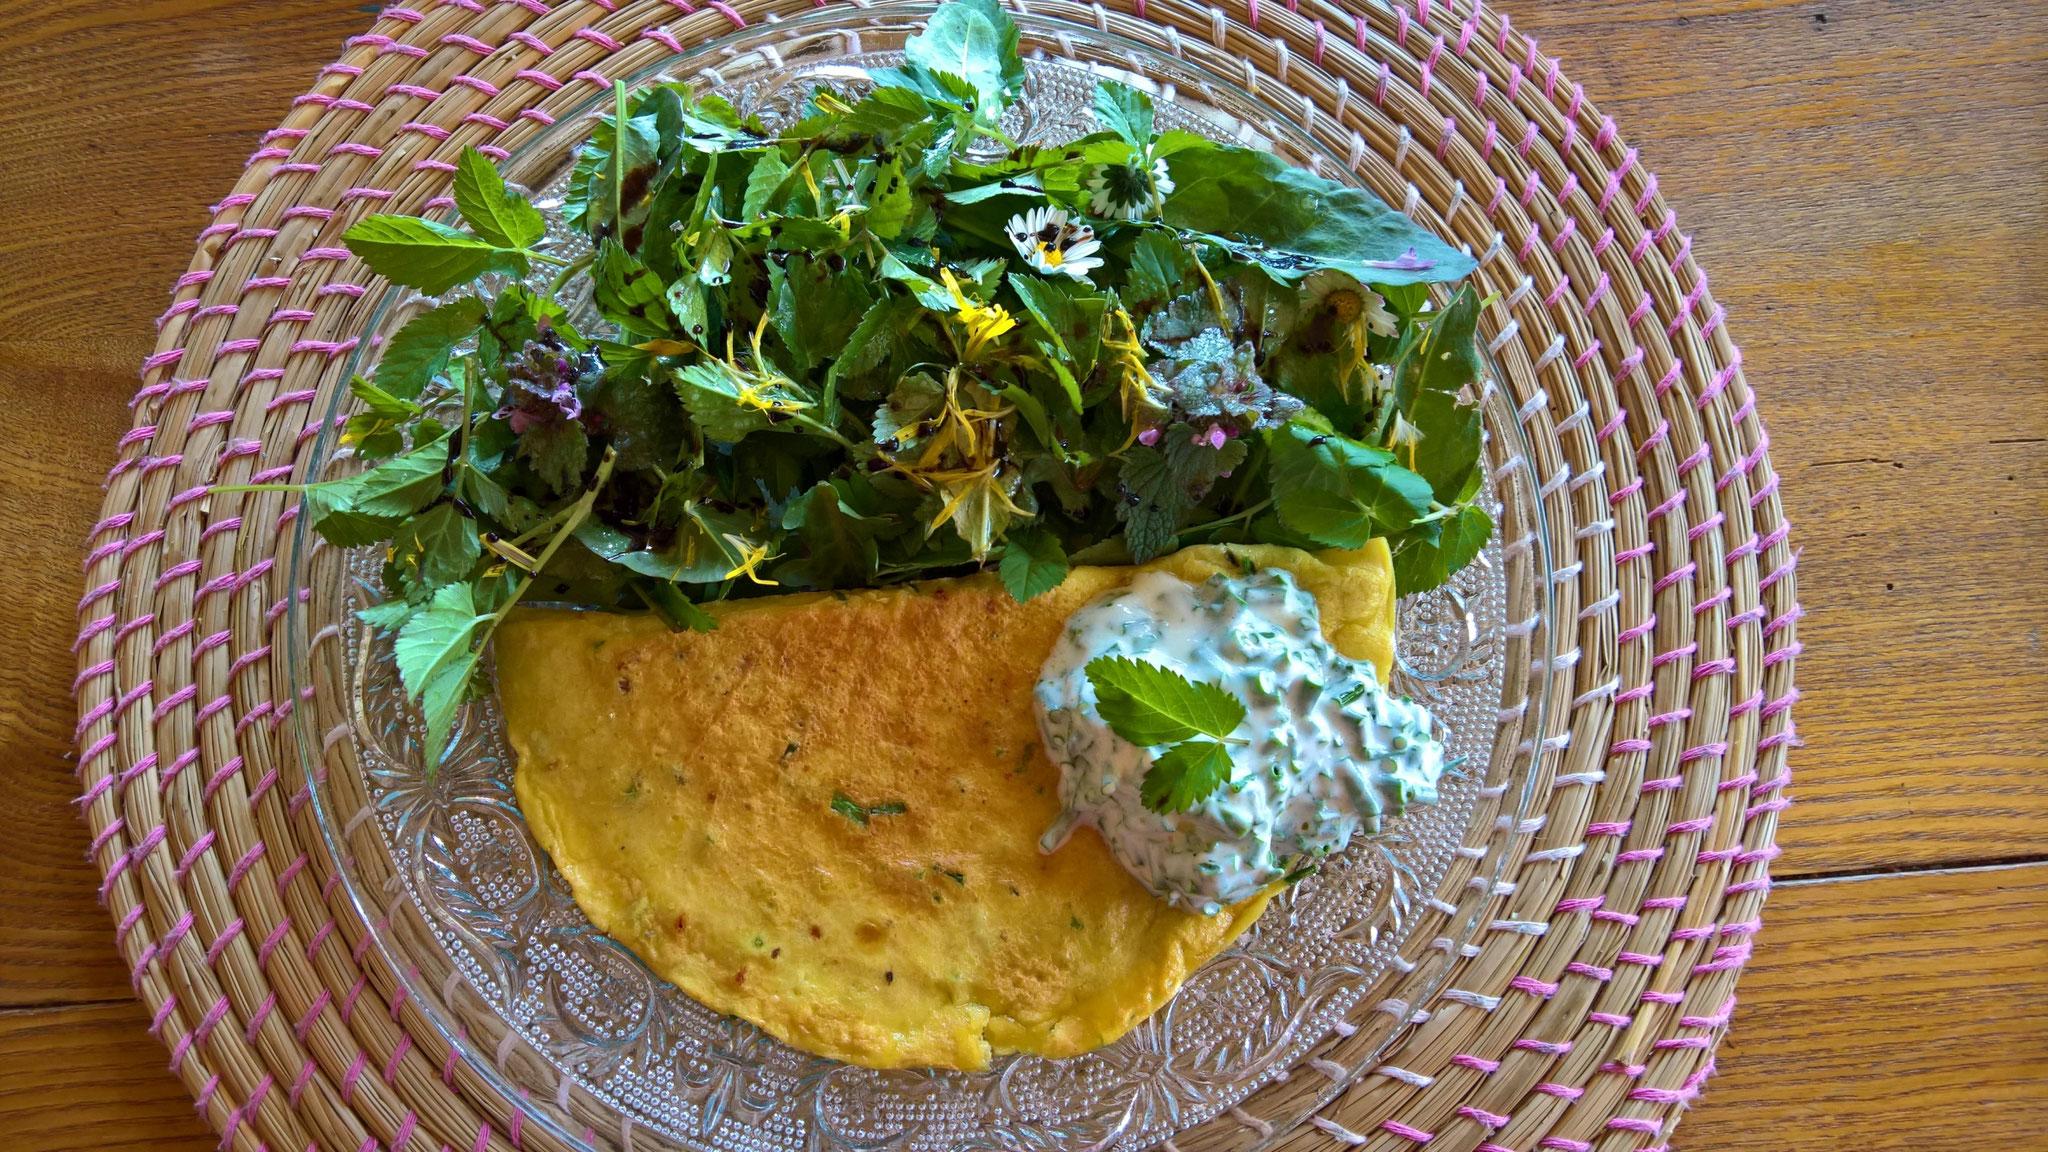 Kräuteomelette mit leckerem Salat aus wilden Kräutern